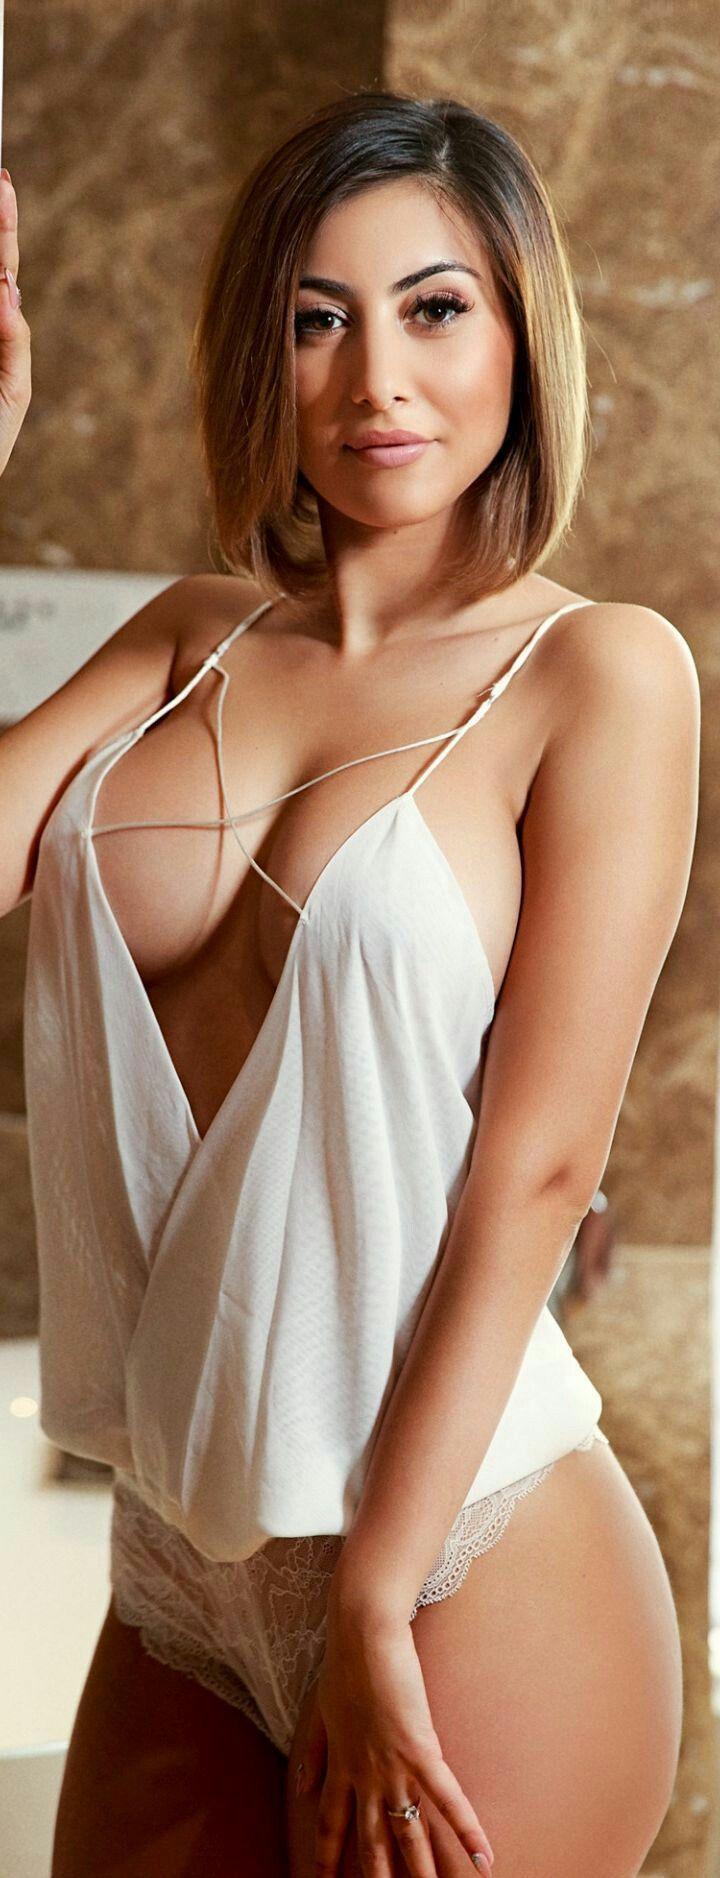 wunderschöne frau nackt sexy